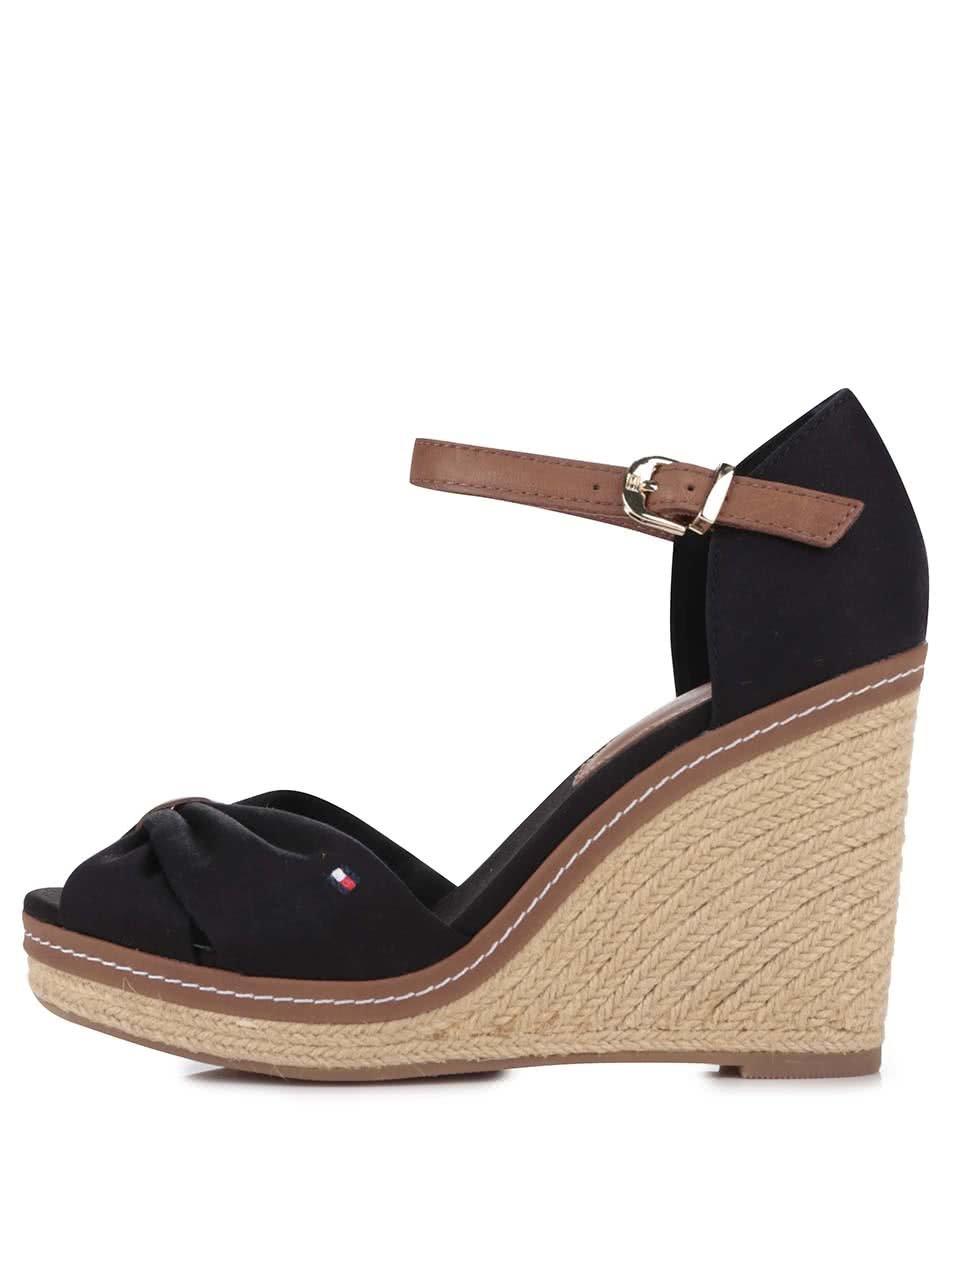 ae3b78a13c6 Černé dámské boty na klínku Tommy Hilfiger ...